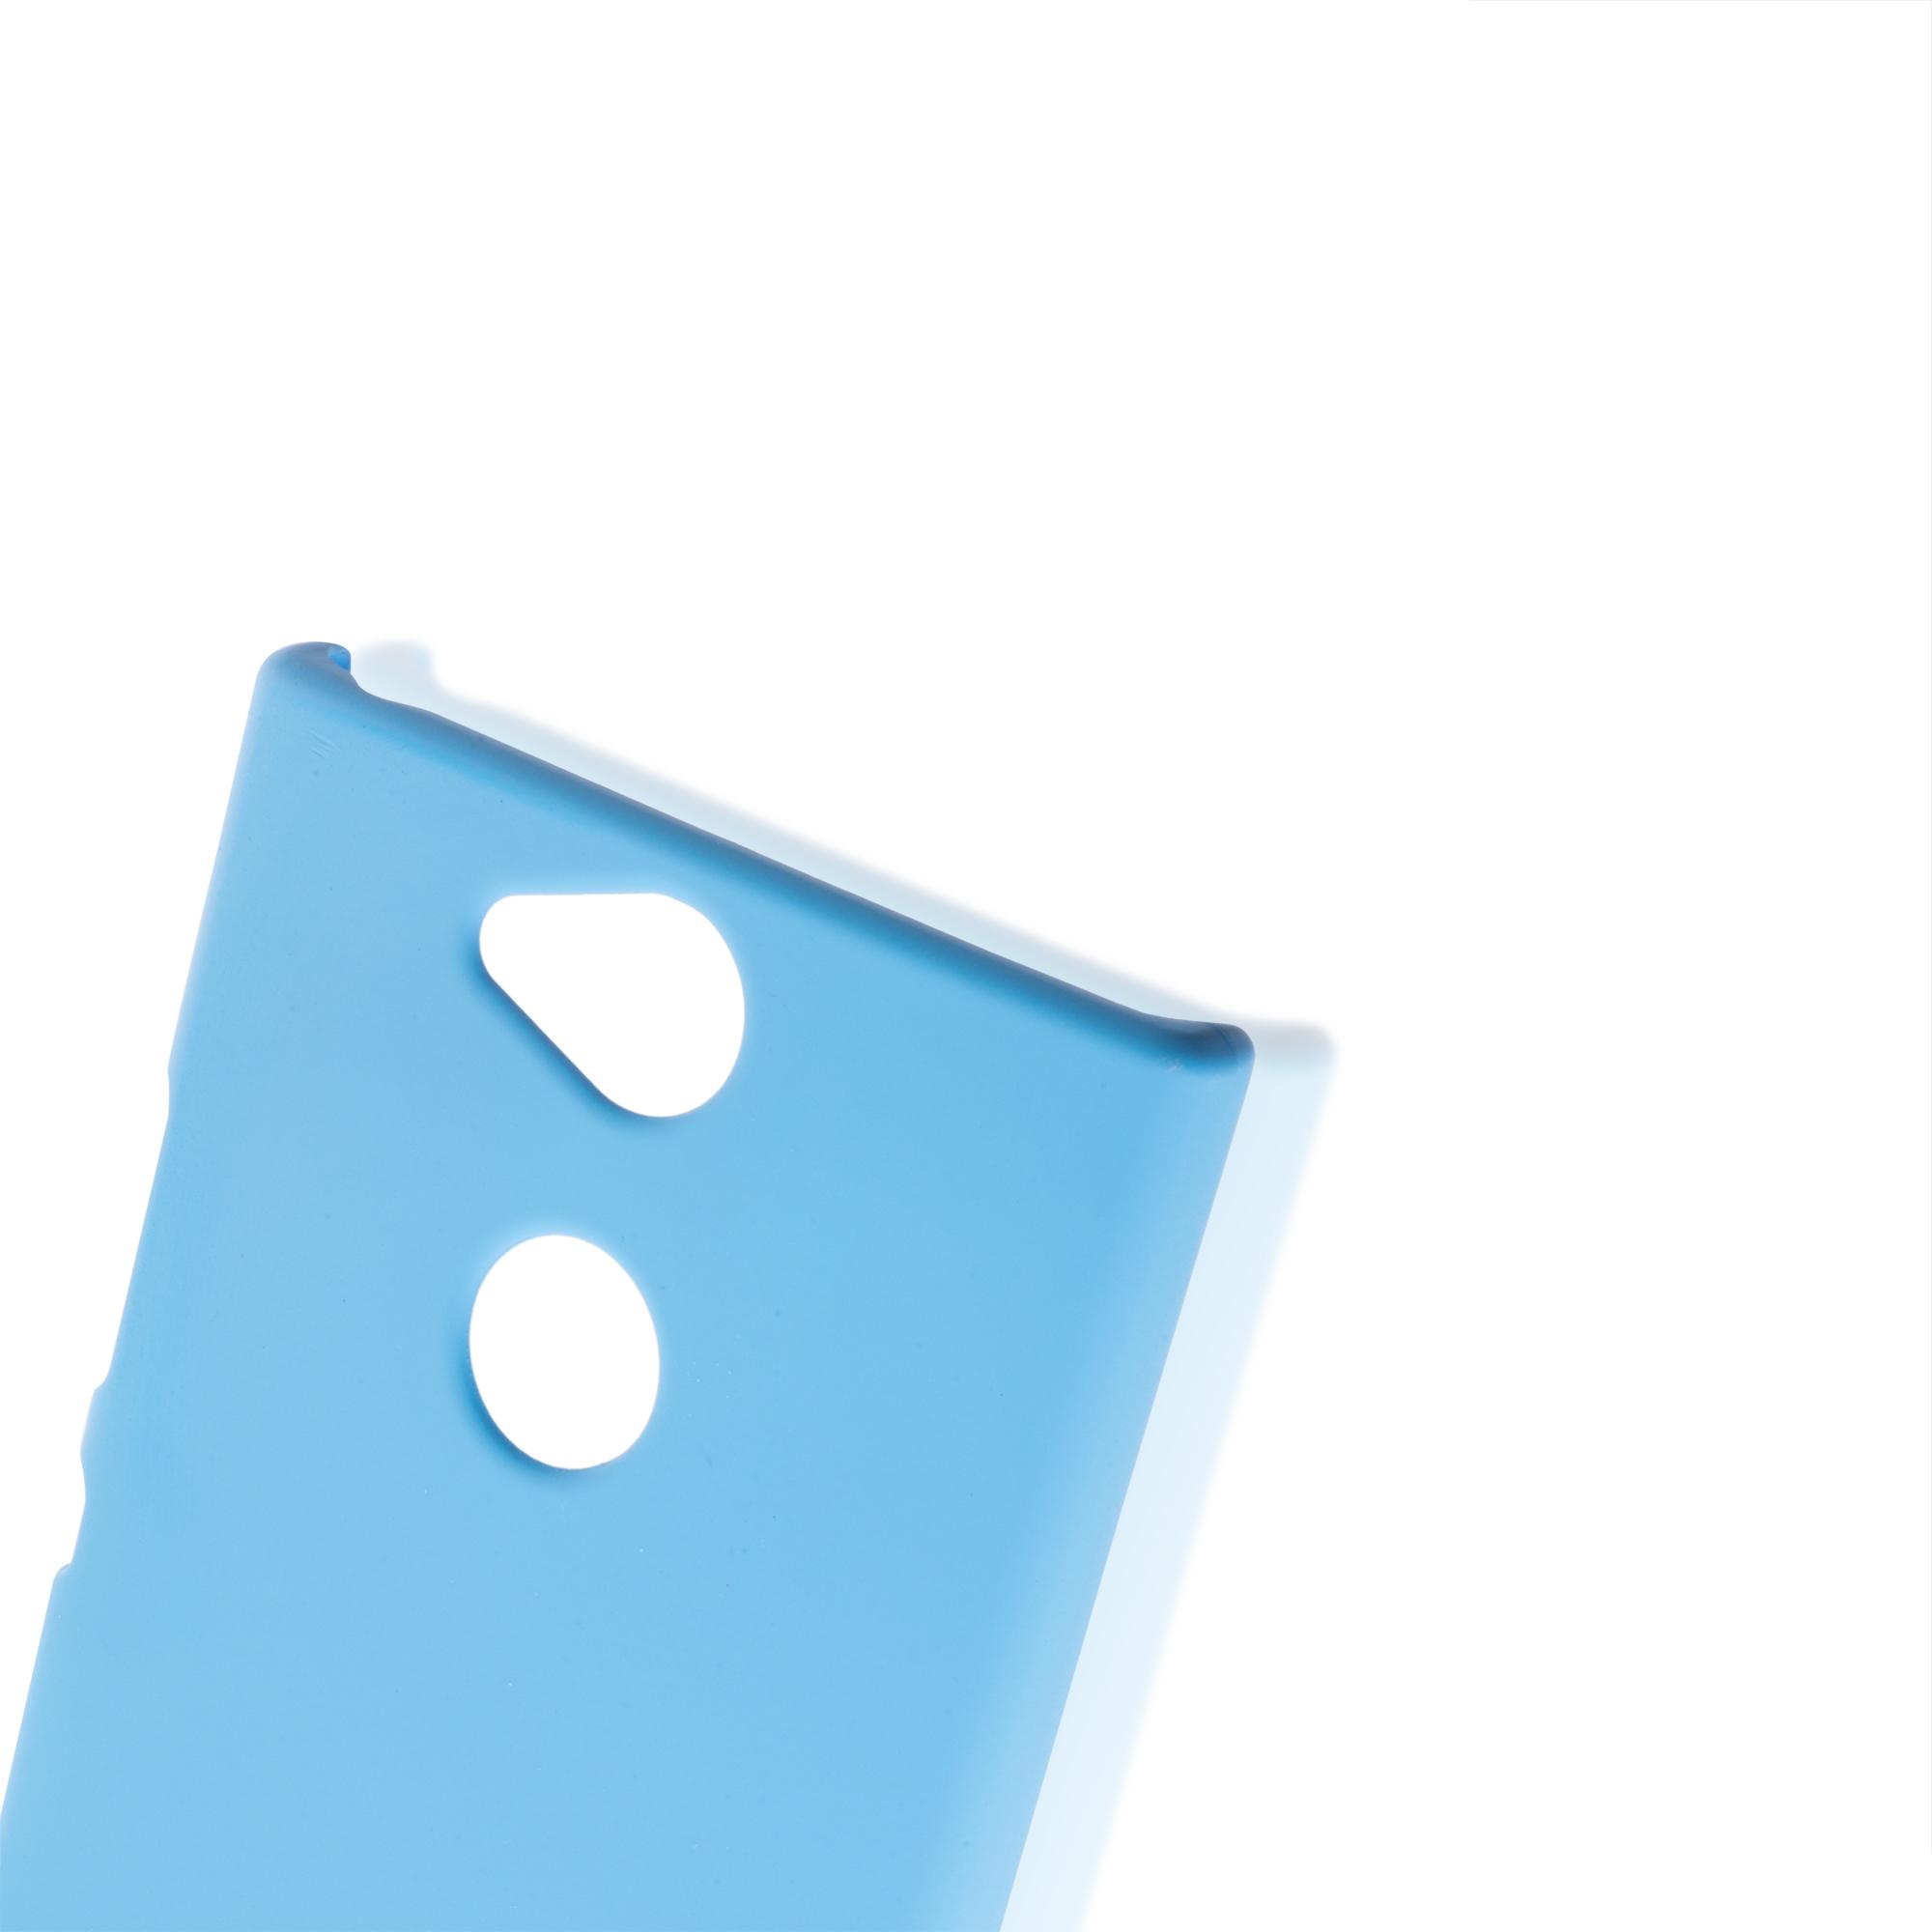 Пластиковый чехол для смартфона Xperia XA2 синего цвета